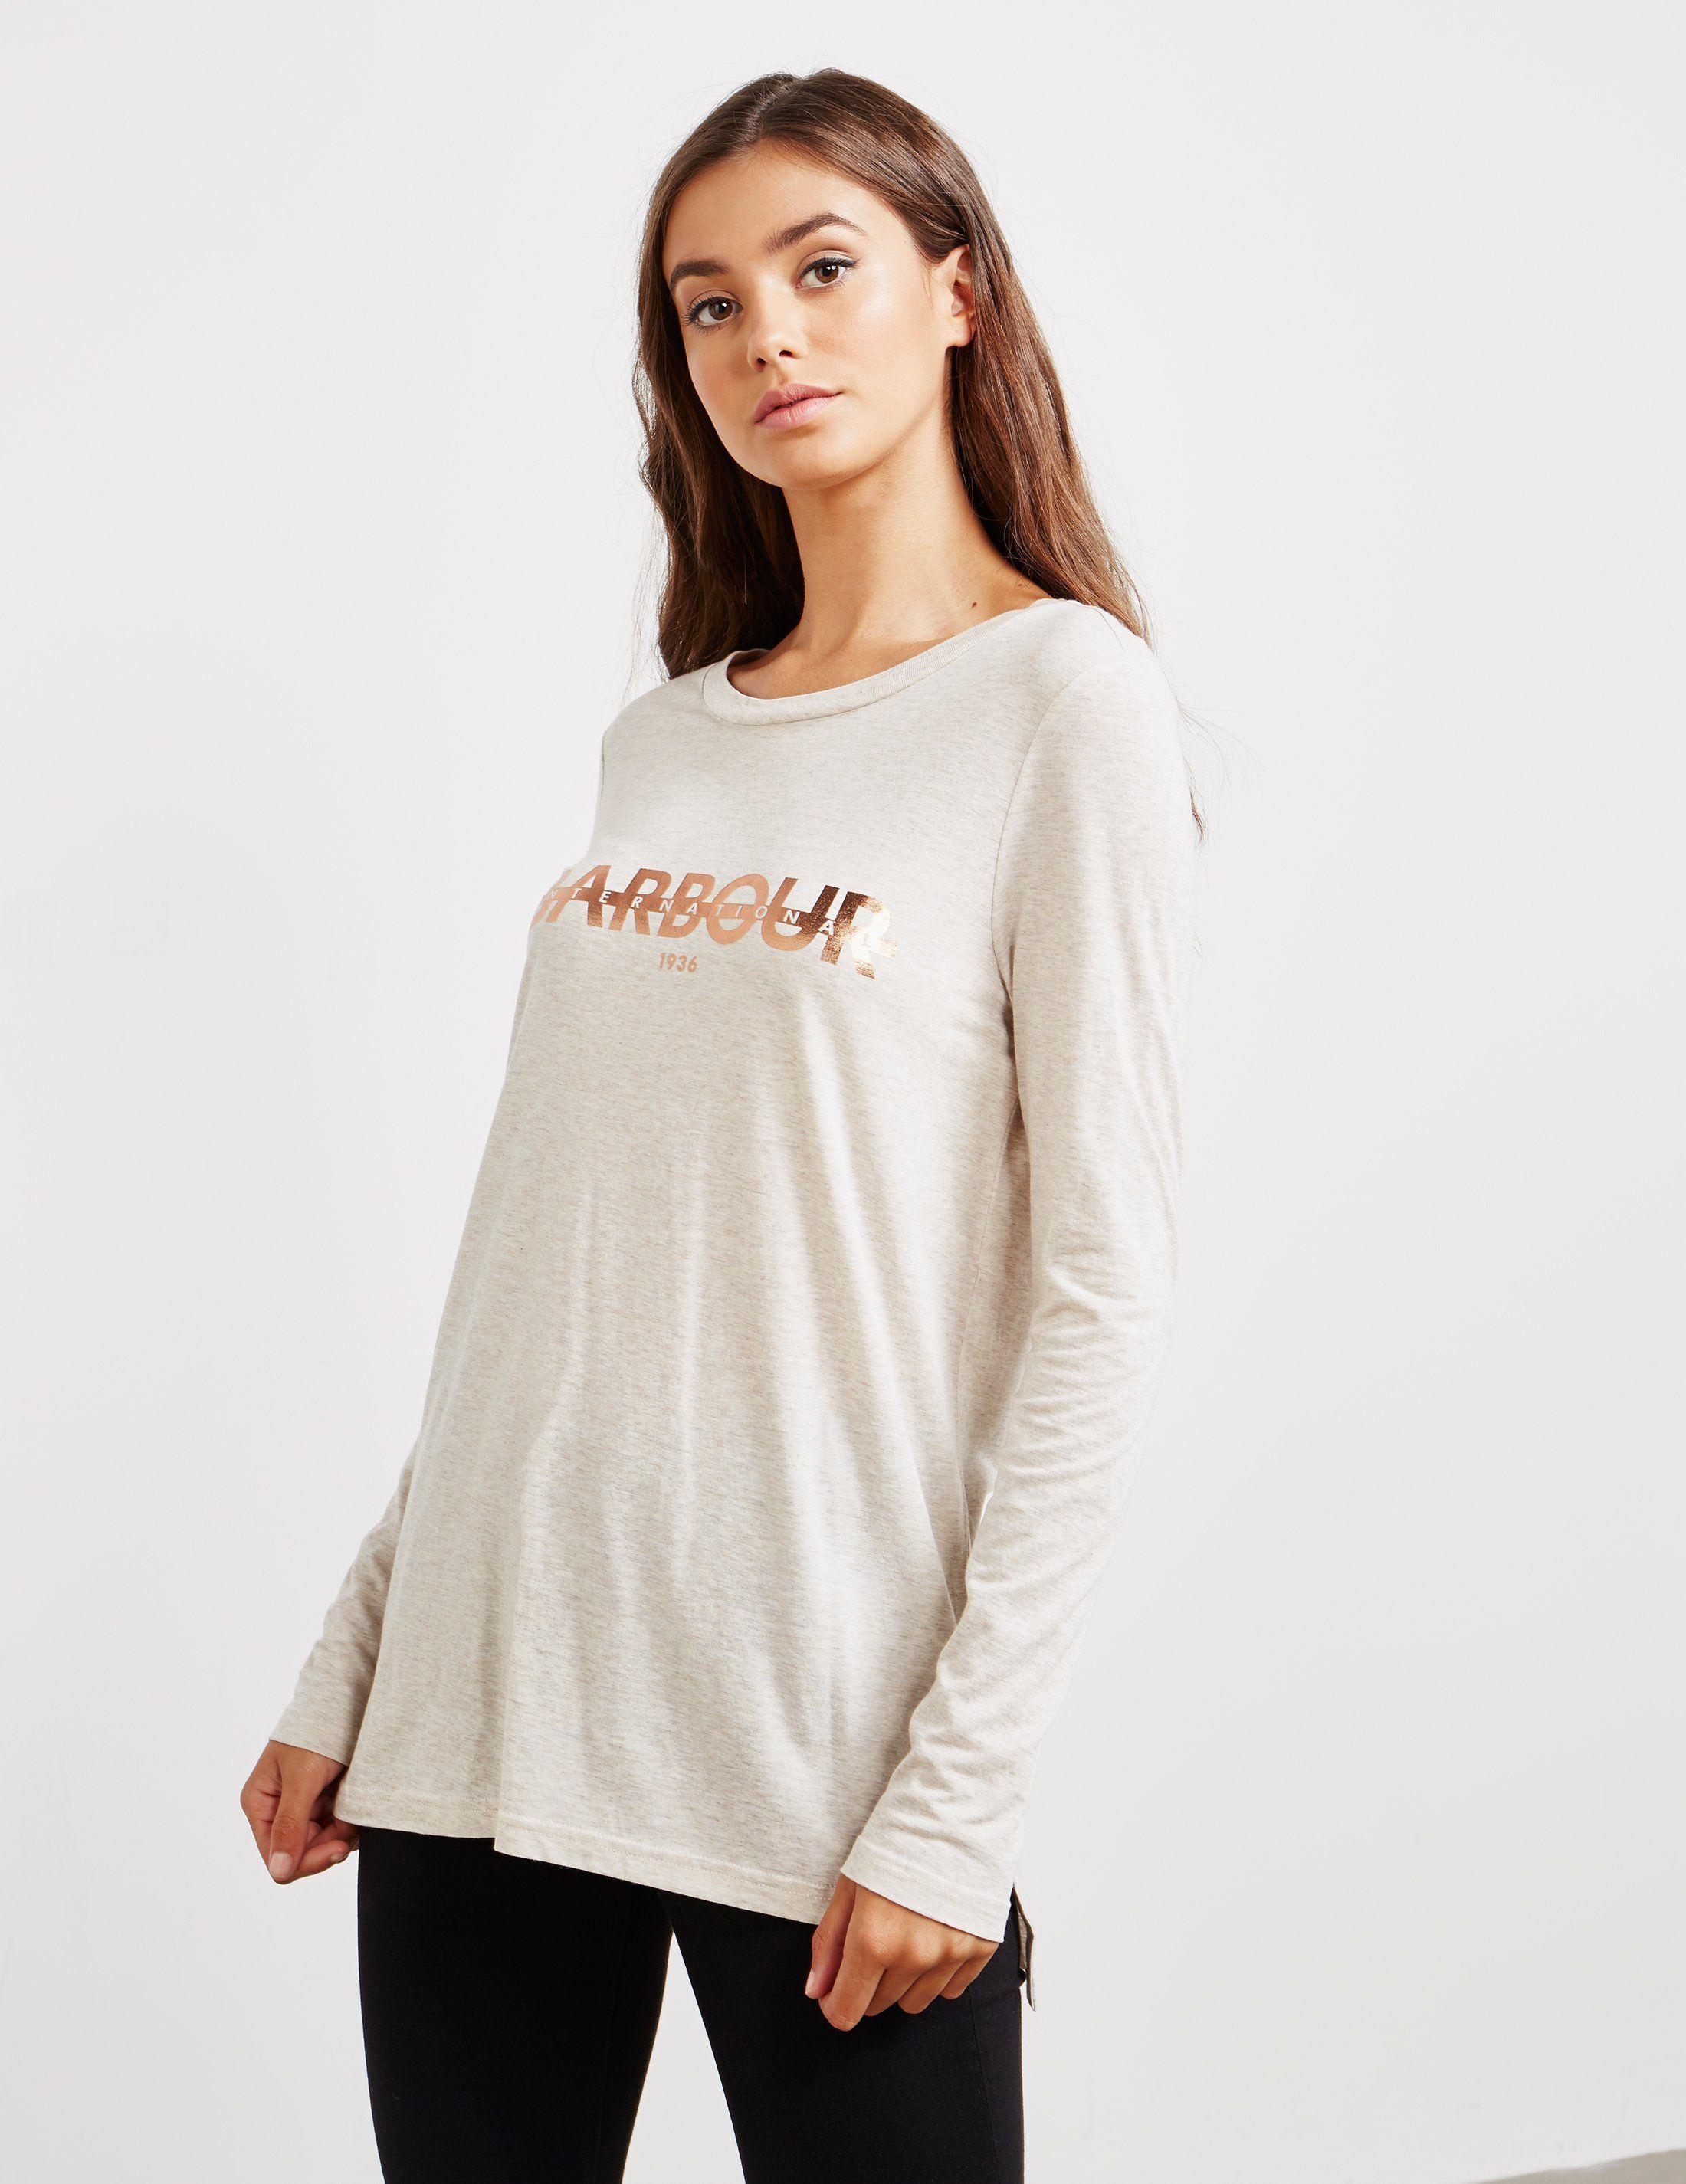 Barbour International Long Sleeve T-Shirt